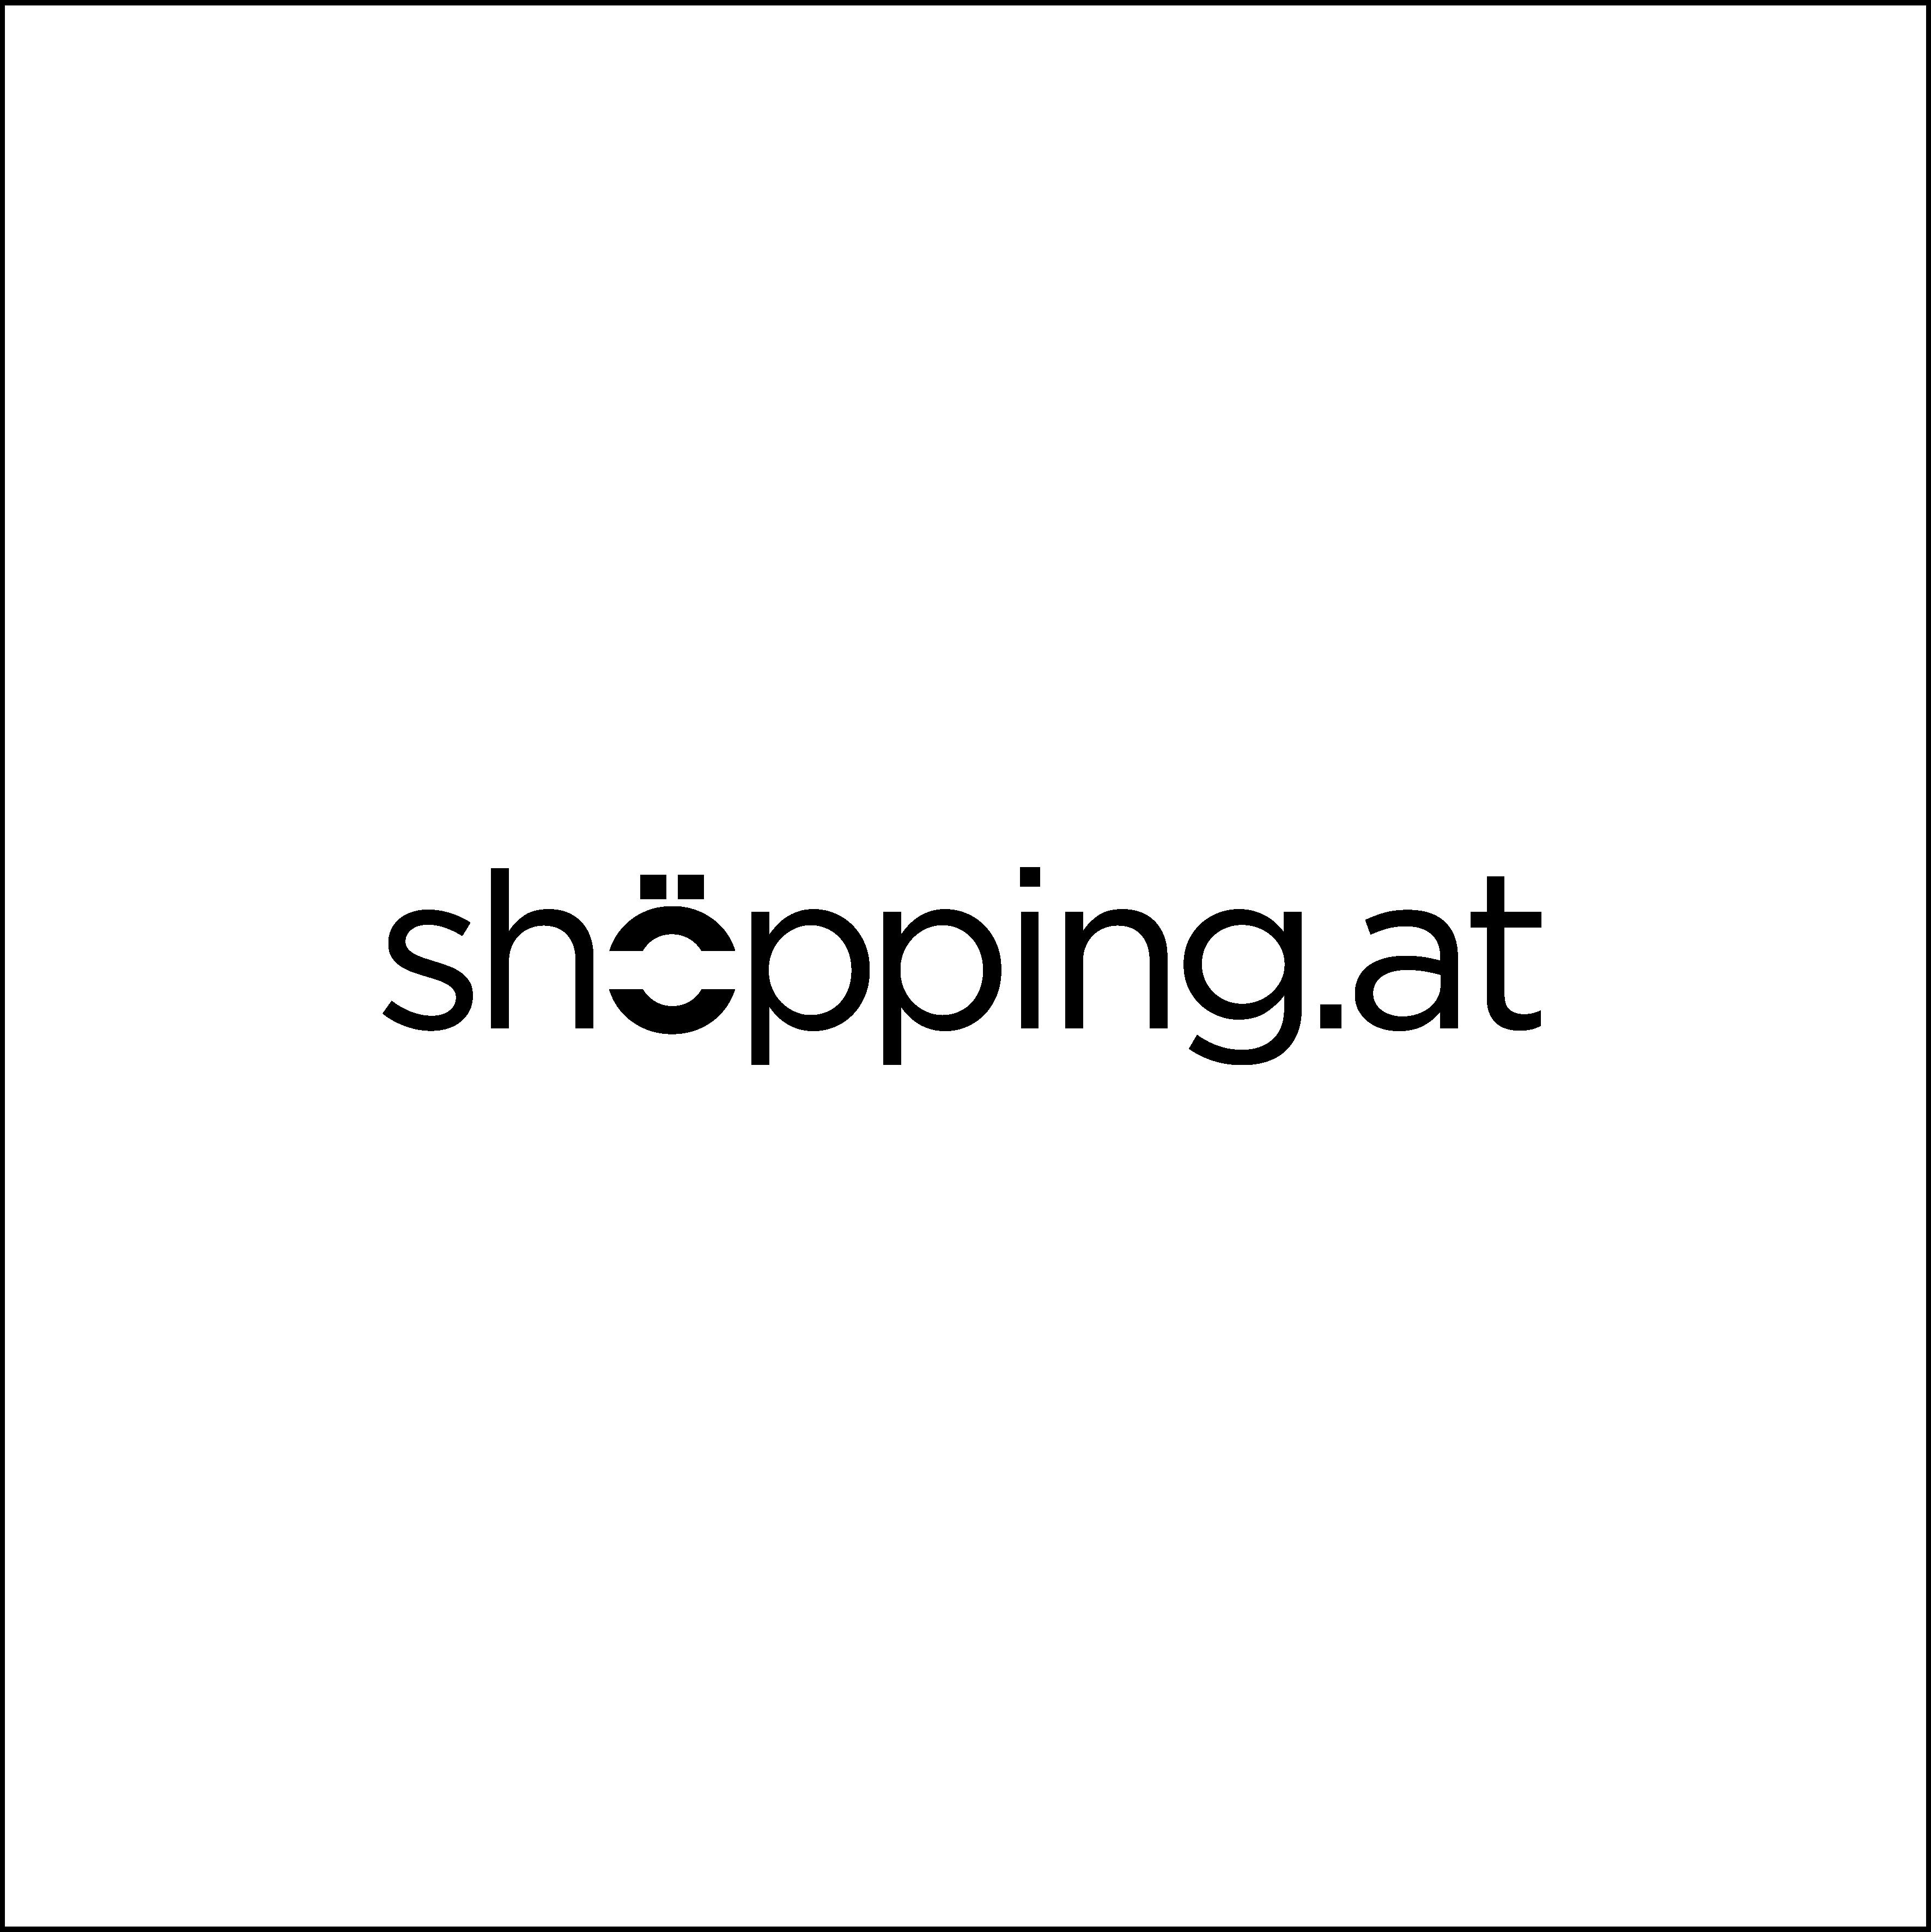 shoepping online marktplatz logo atelyay